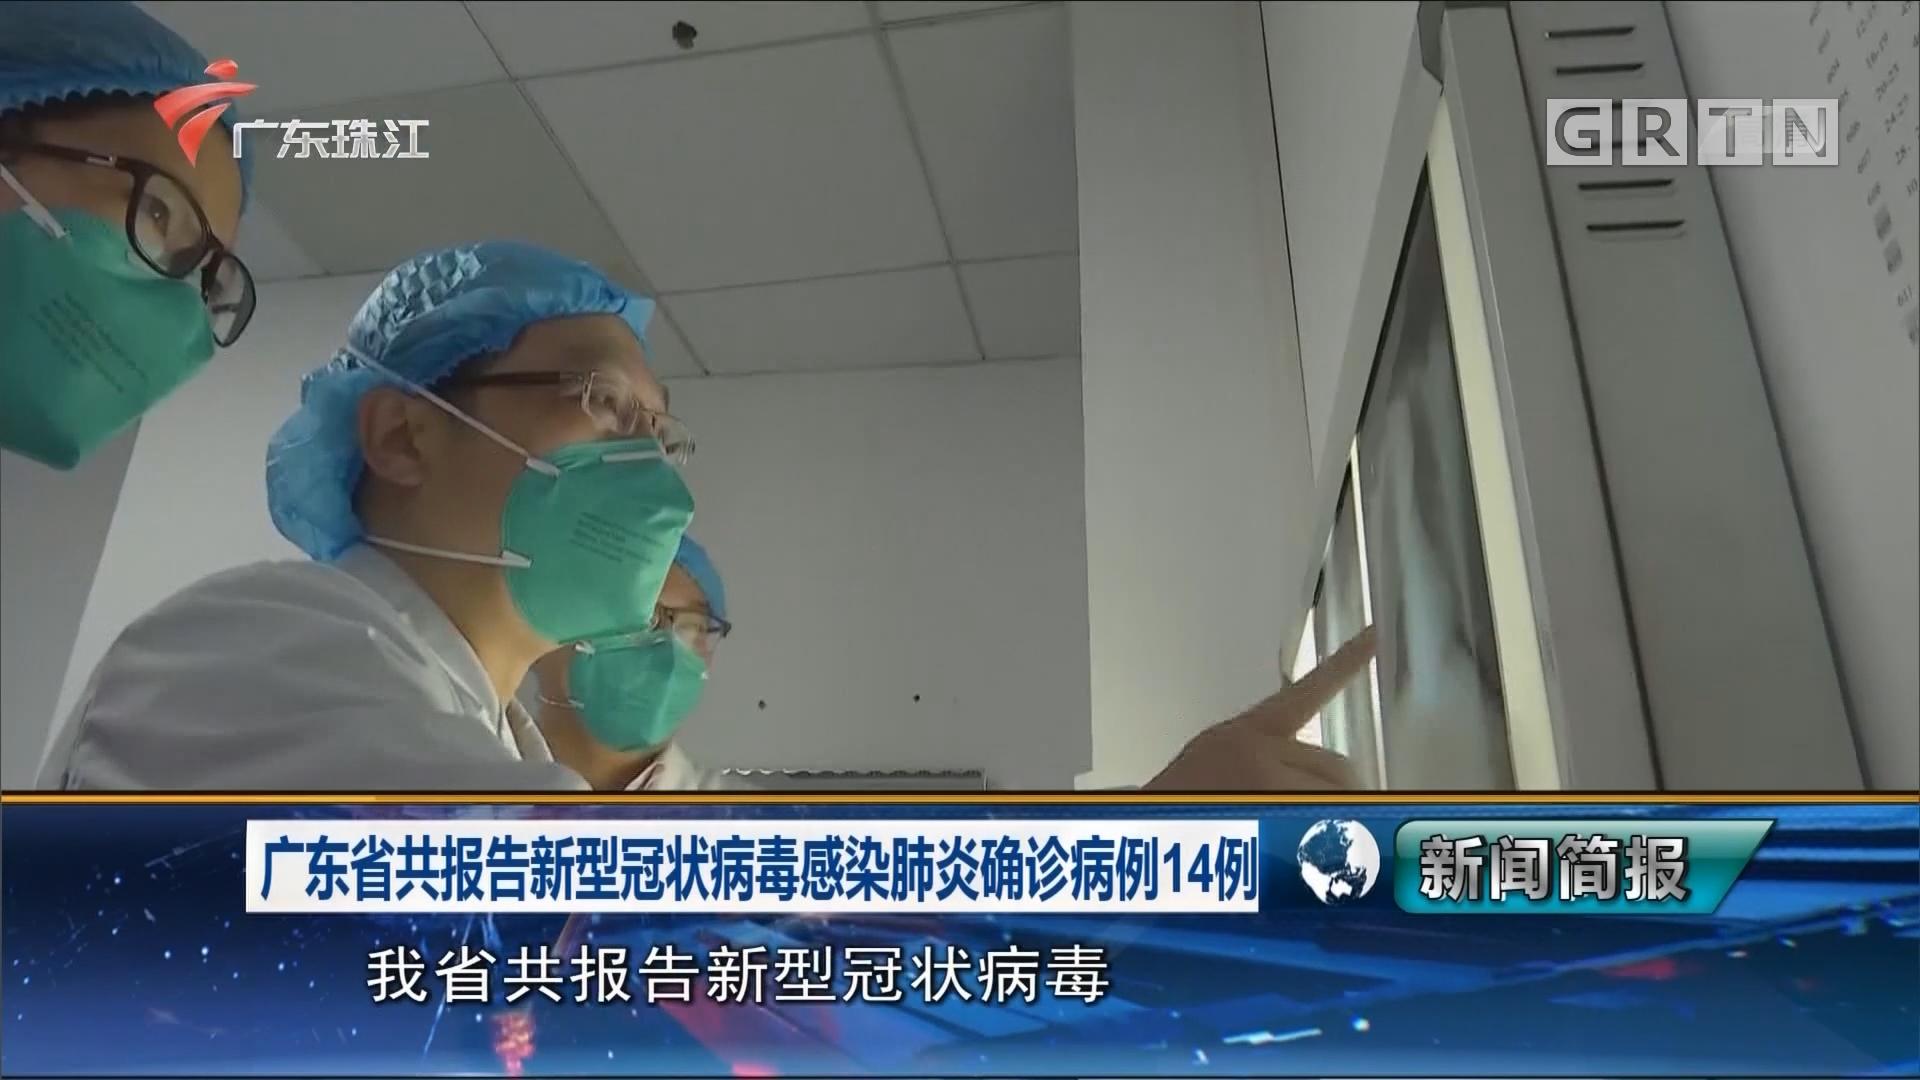 广东省共报告新型冠状病毒感染肺炎确诊病例14例